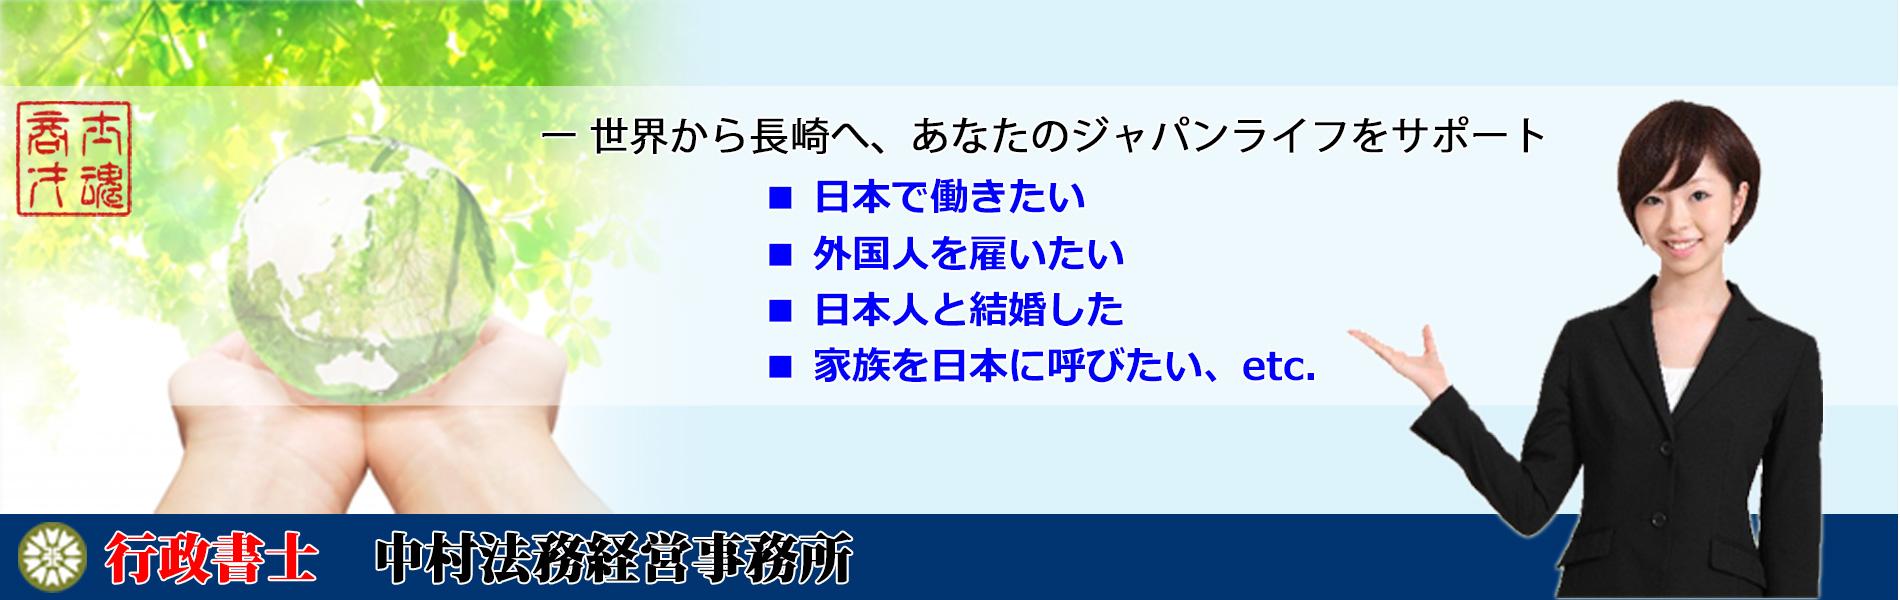 長崎のビザなら行政書士 中村法務経営事務所@長崎県長崎市